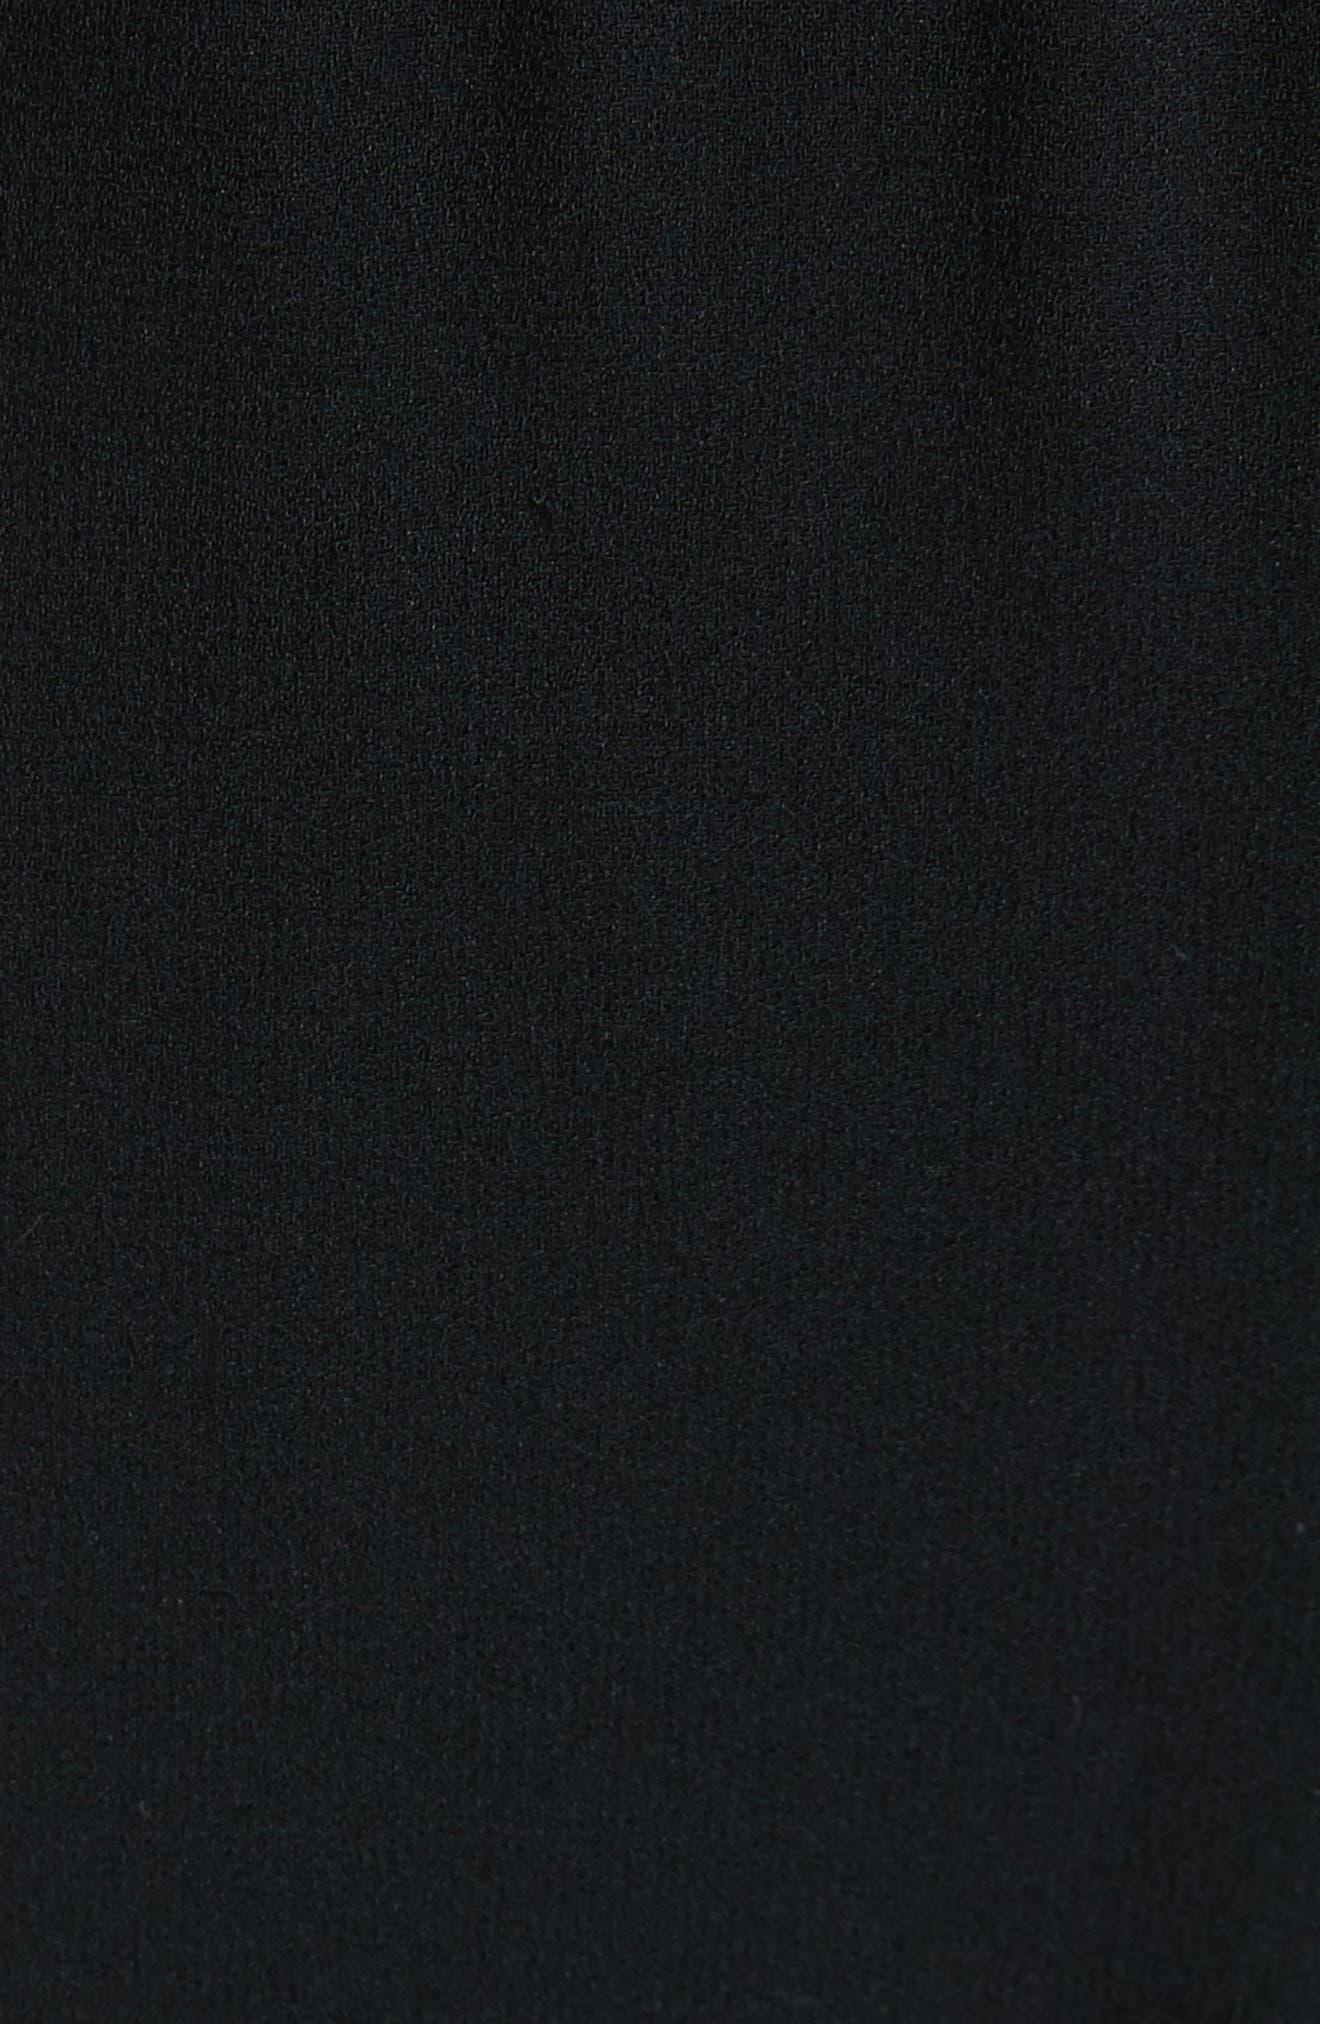 Milo Track Pants,                             Alternate thumbnail 5, color,                             BLACK/ WHITE